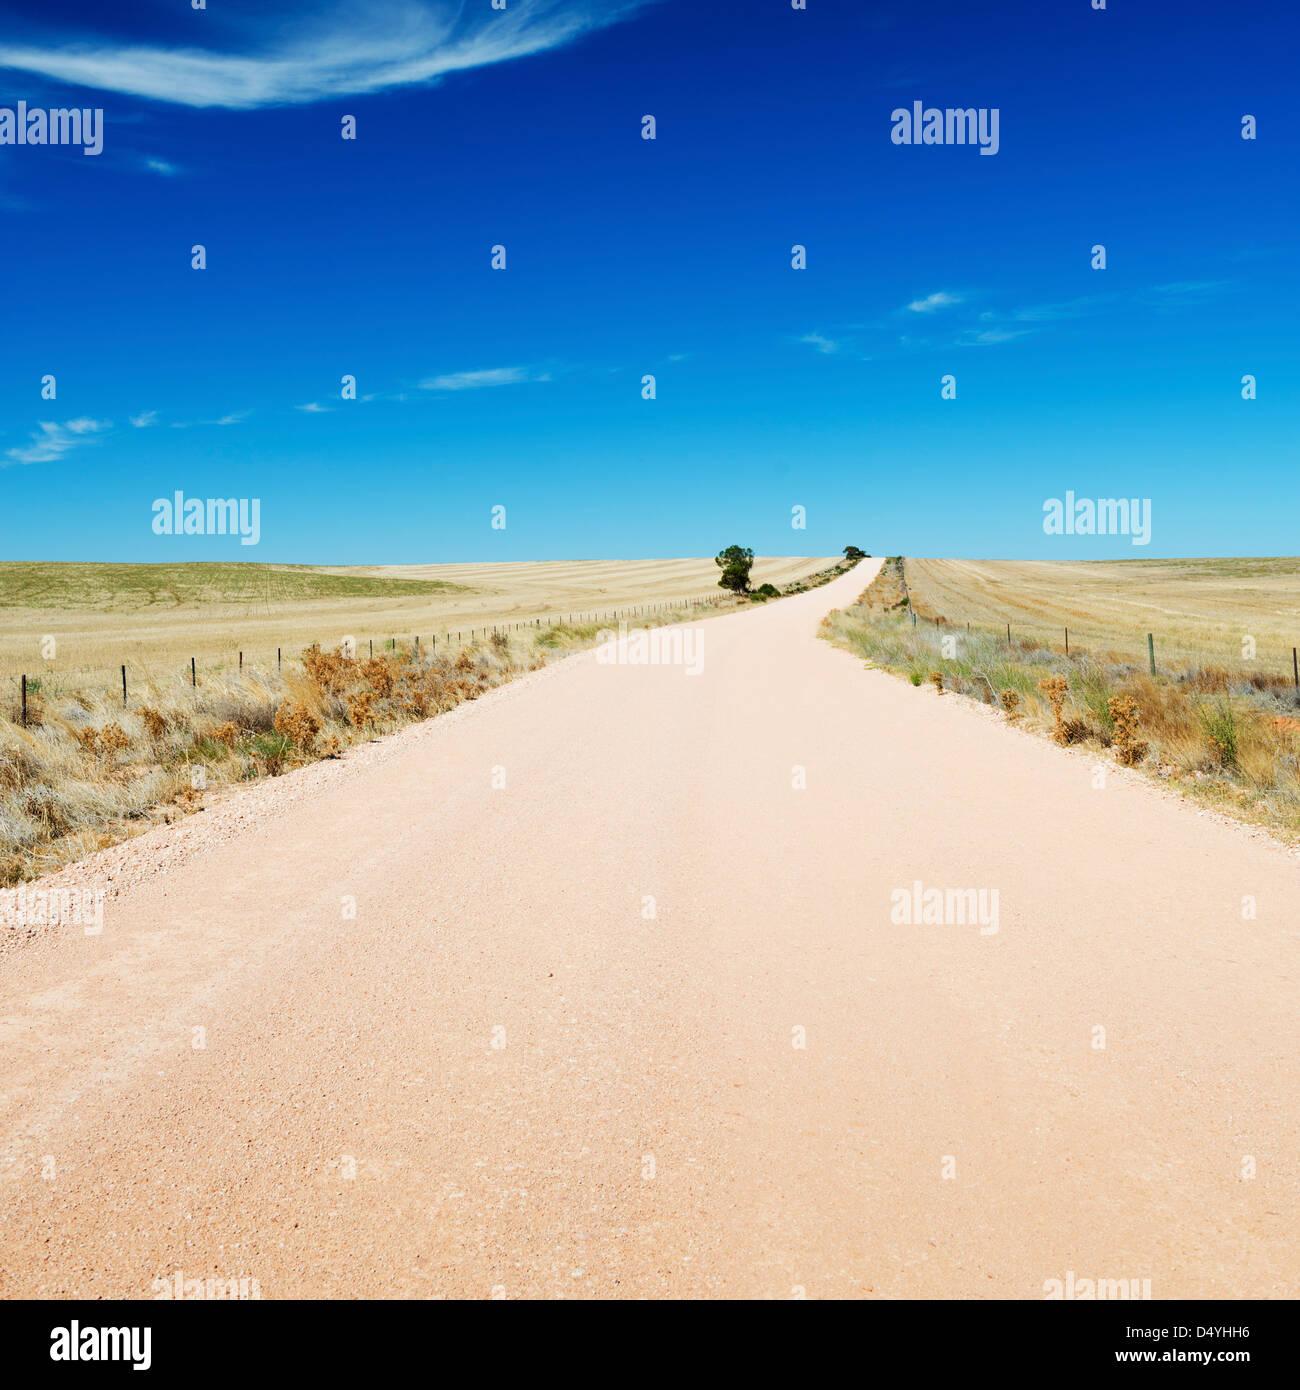 Strada sterrata nel paese Australia si estende nella distanza sotto un cielo blu Immagini Stock